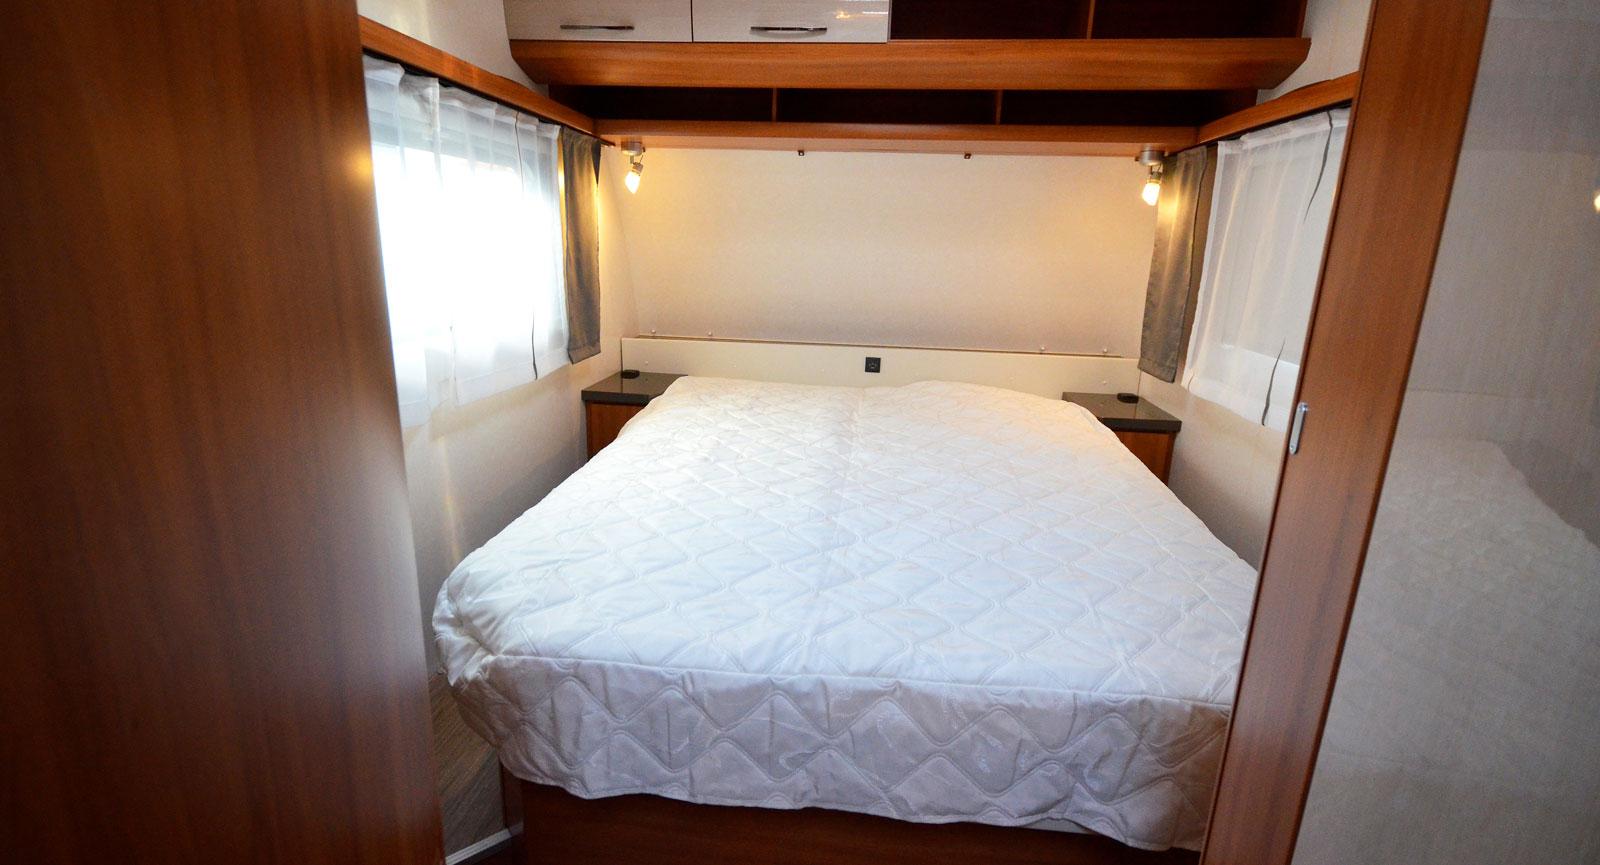 Trångt. På var sida om sängen är det 29 cm brett. På grund av gardinlisterna ovanför fönsterna känns det aningen trängre.